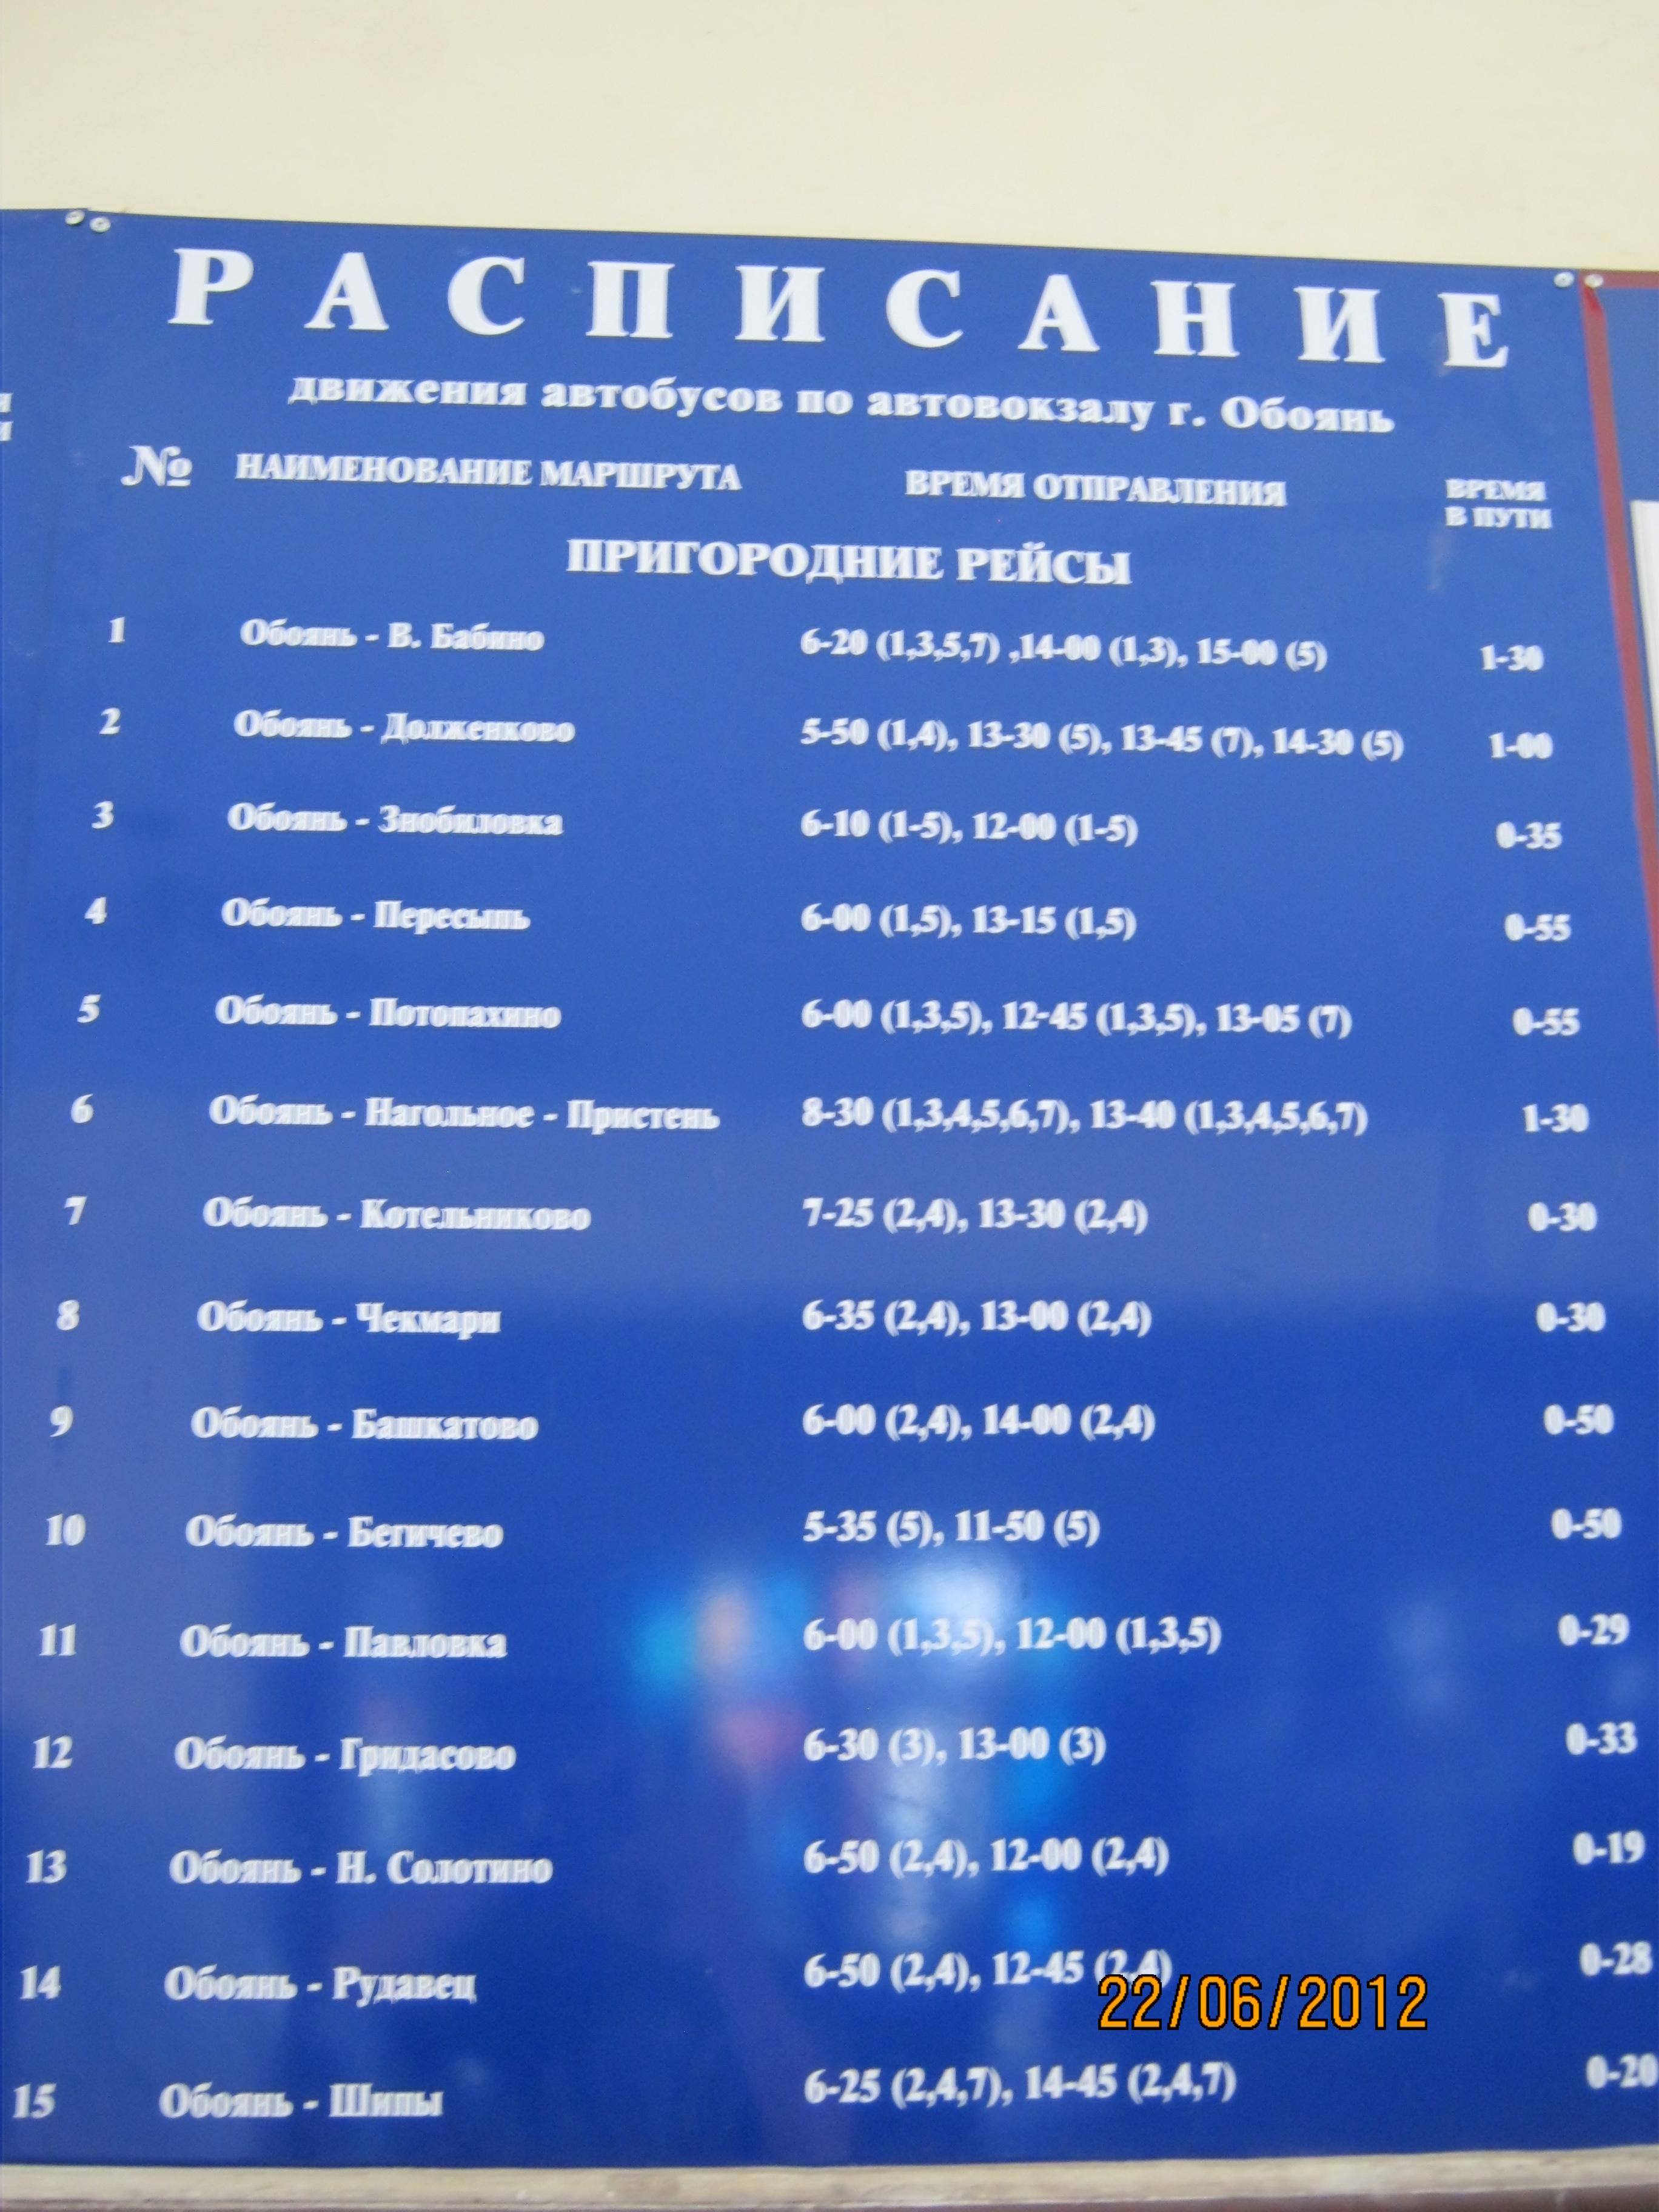 нам! расписание автобусов белгород курск телефоны, часы работы